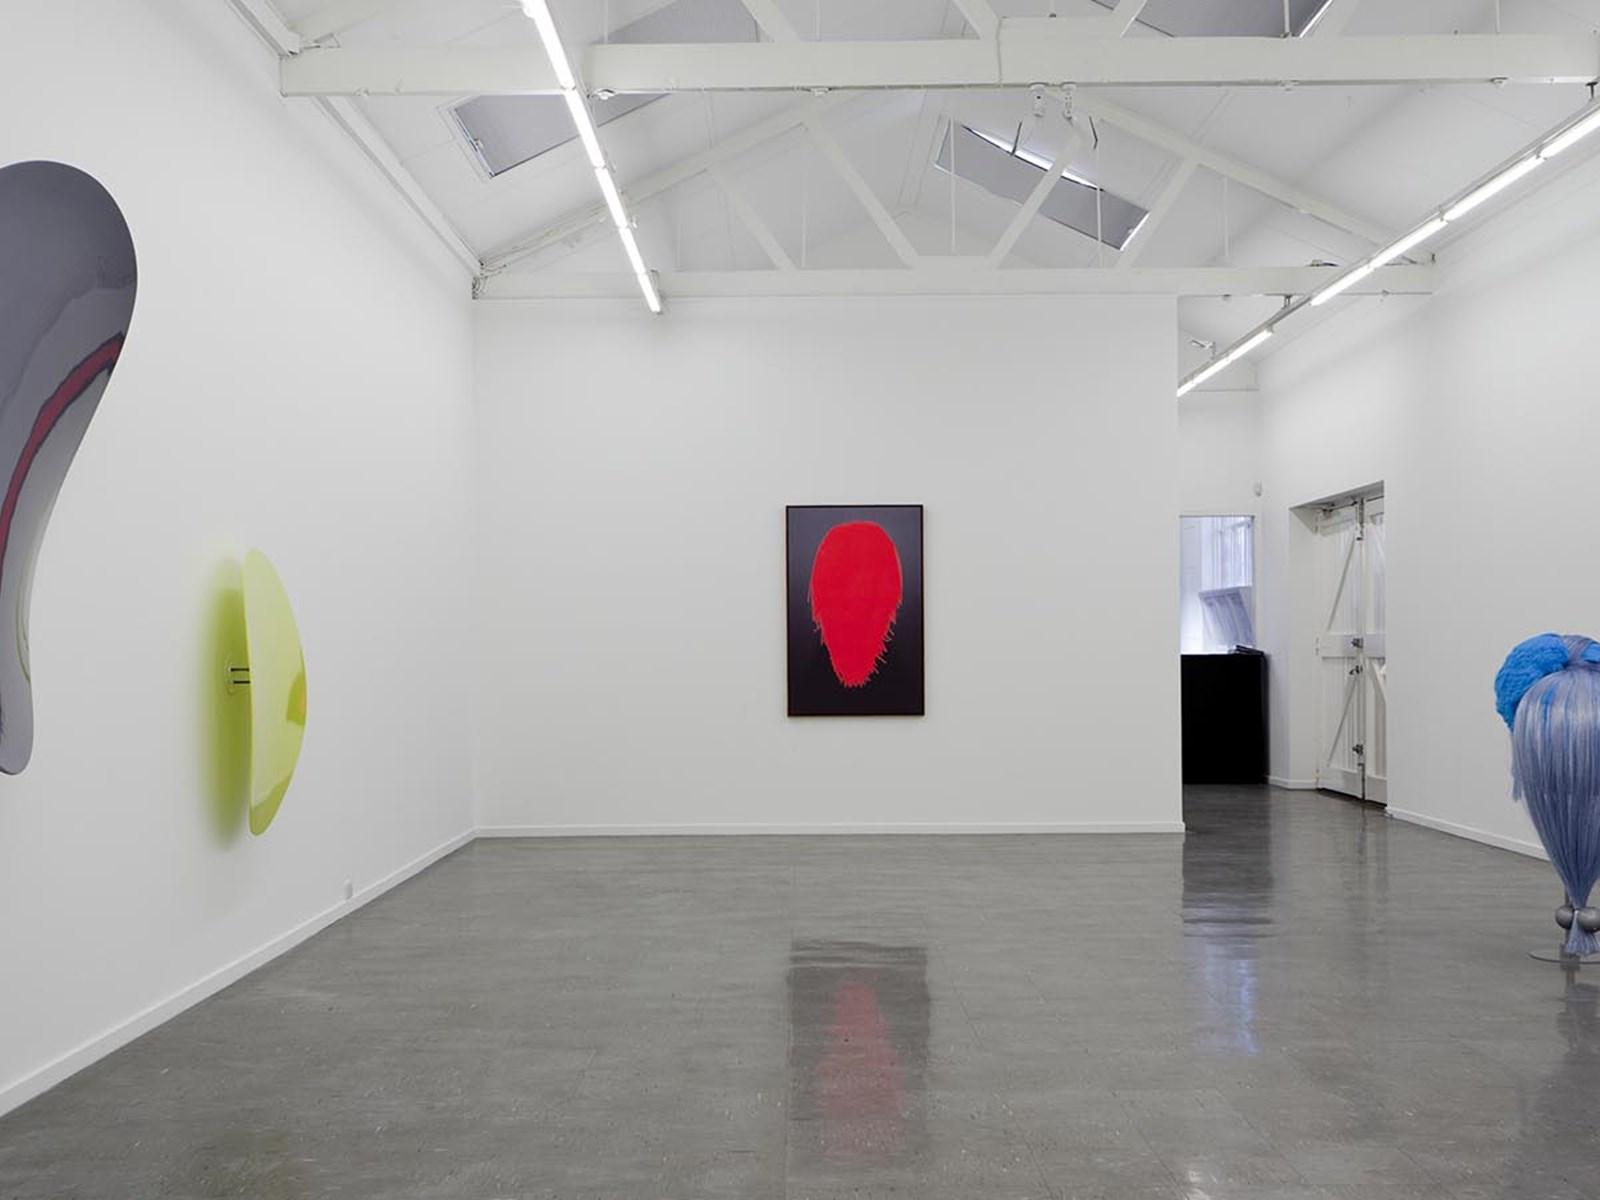 Sutton Gallery, Fitzroy, Melbourne, Victoria, Australia